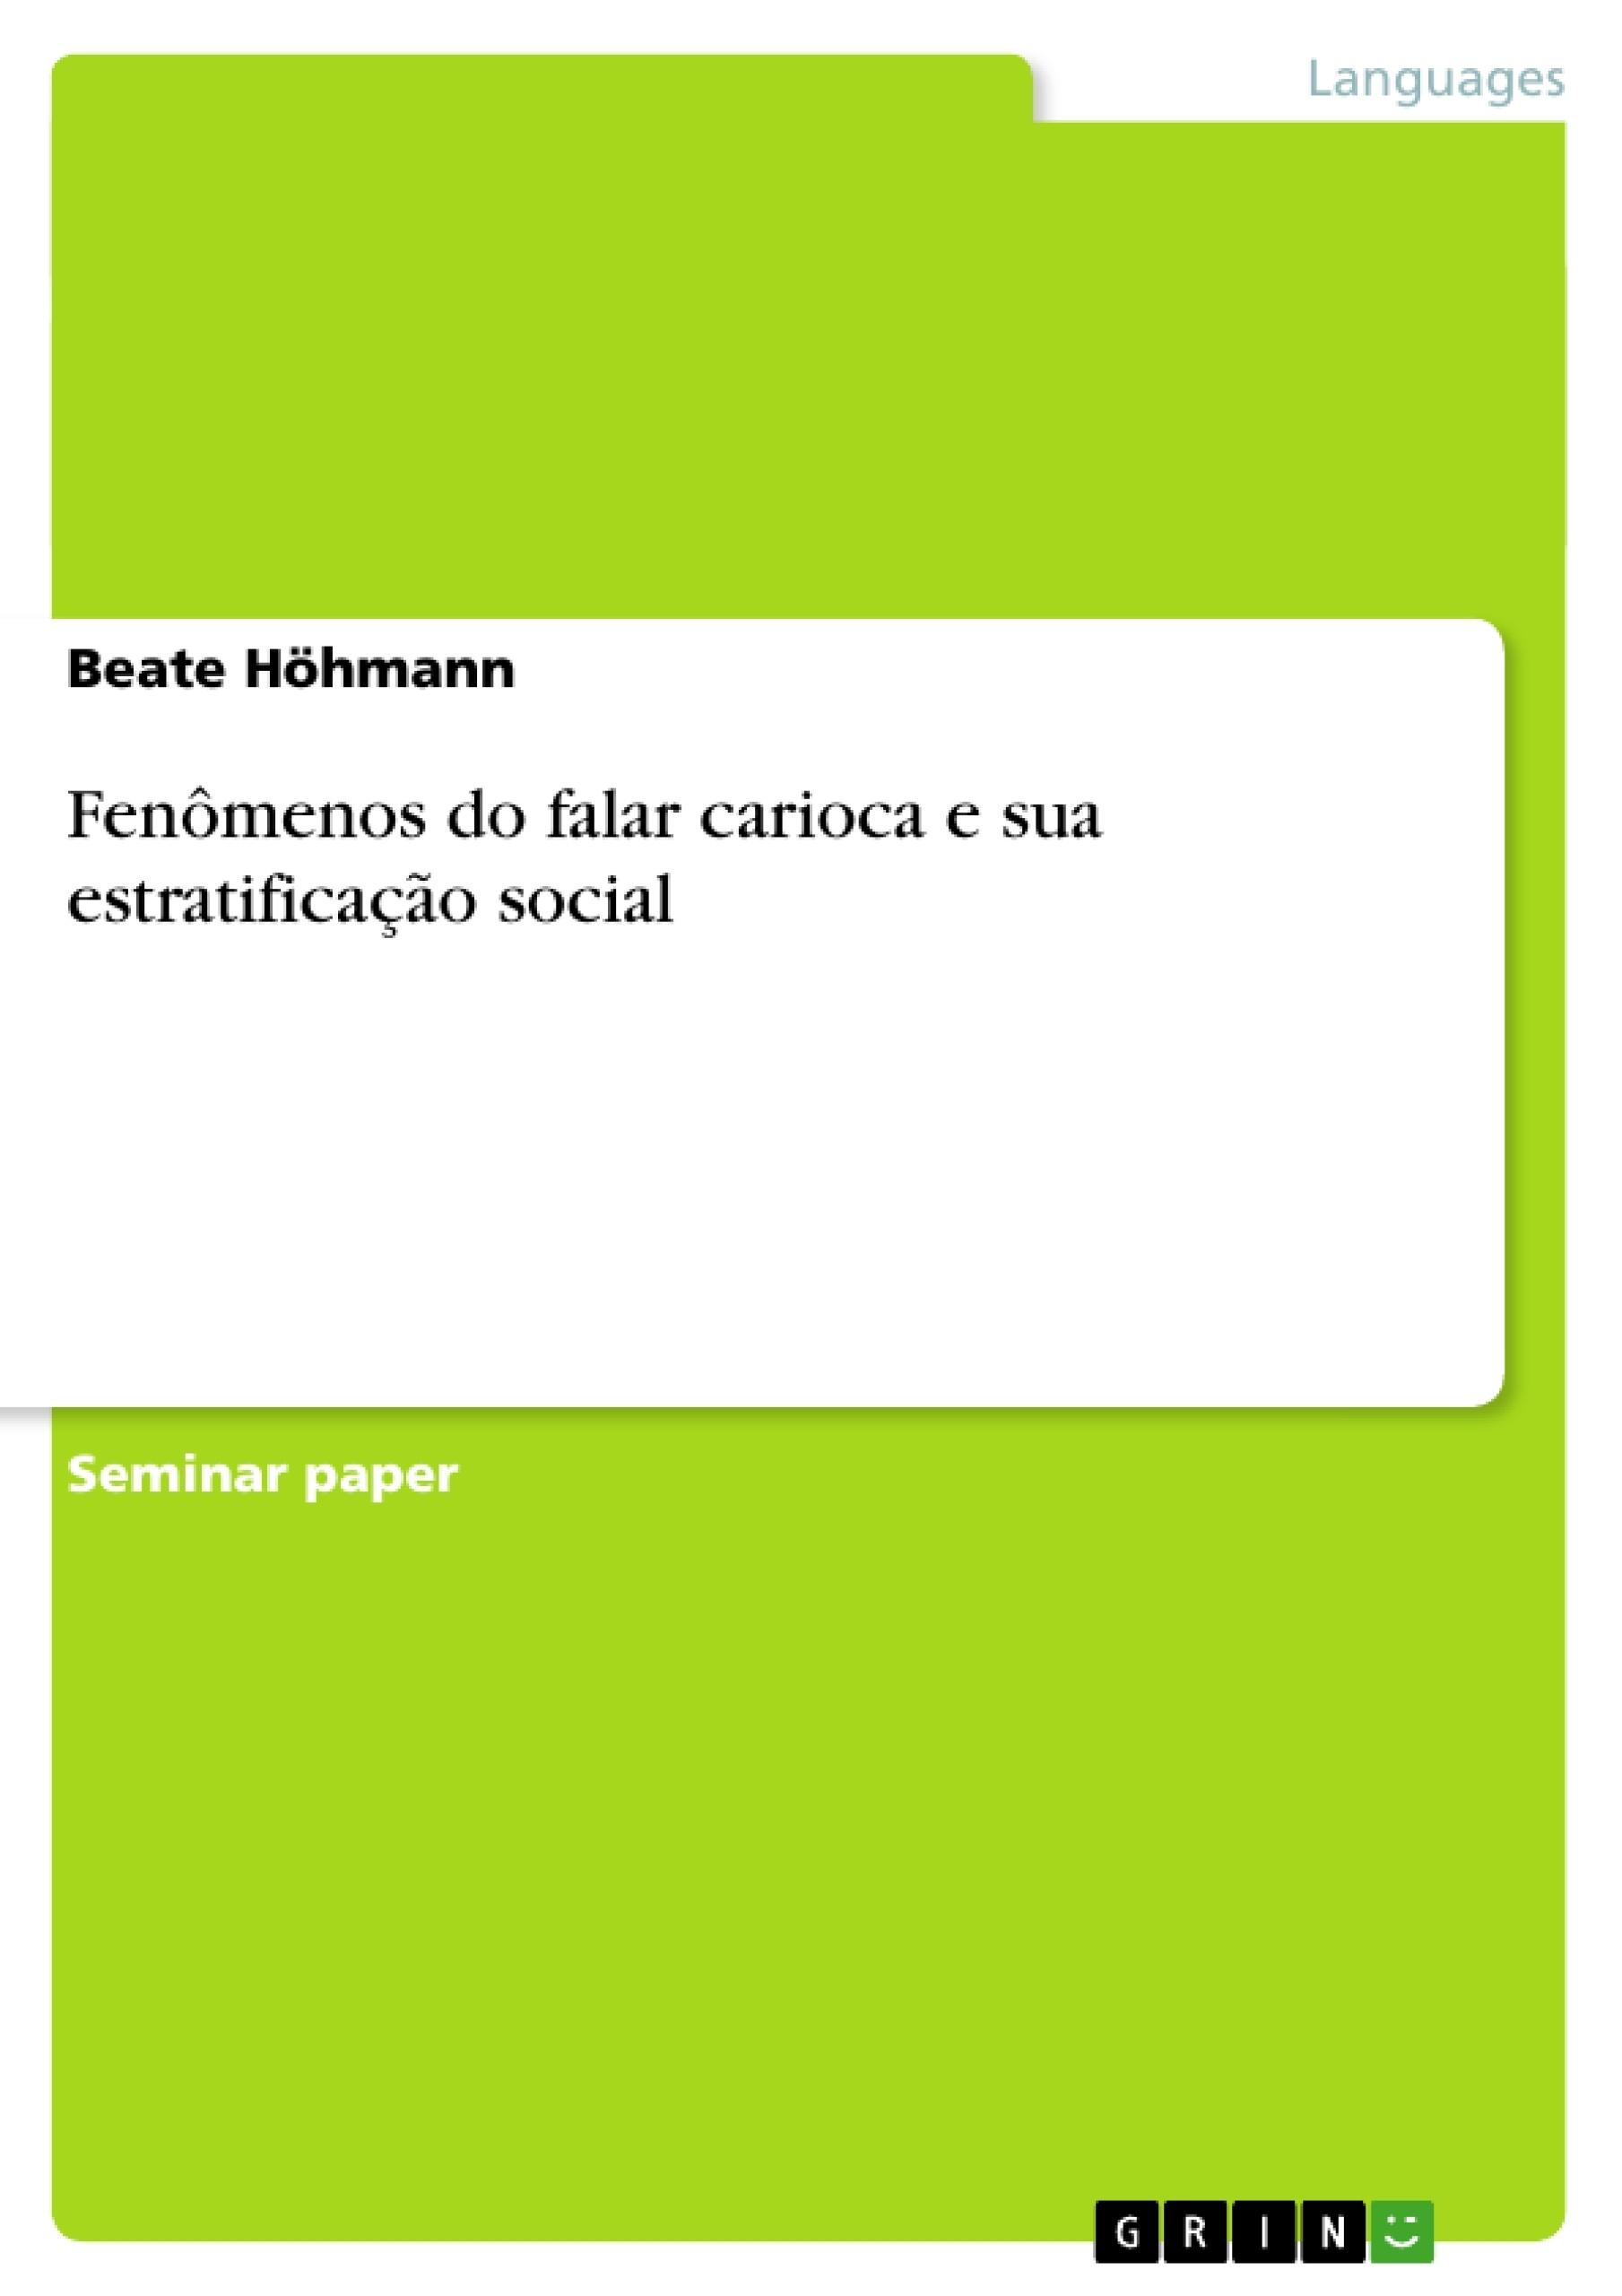 Title: Fenômenos do falar carioca e sua estratificação social